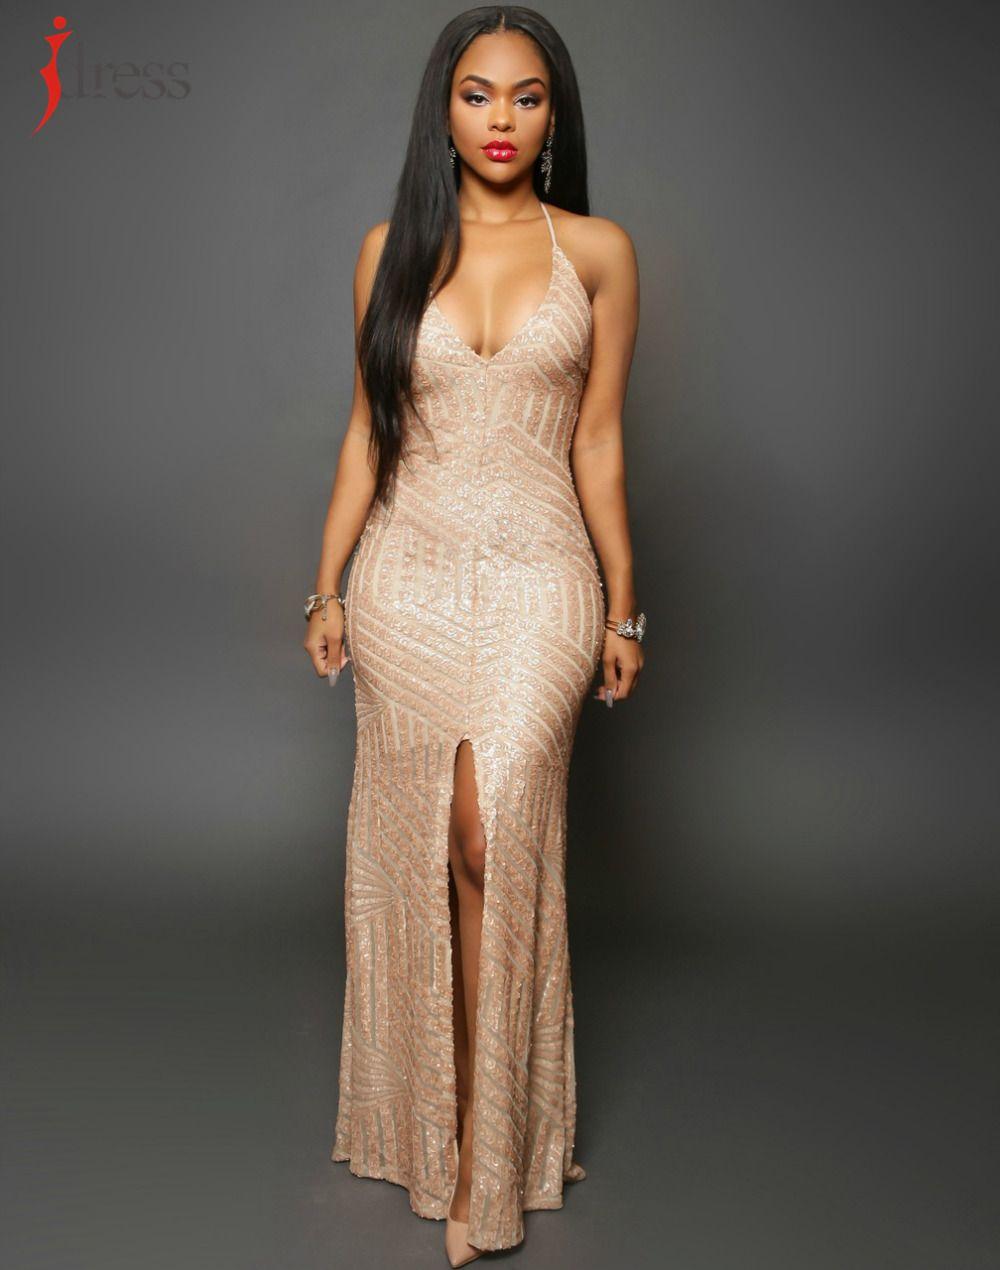 4c98d8bba7e20 IDress Long Sequin Dress Backless Women Maxi Evening Party Dress ...